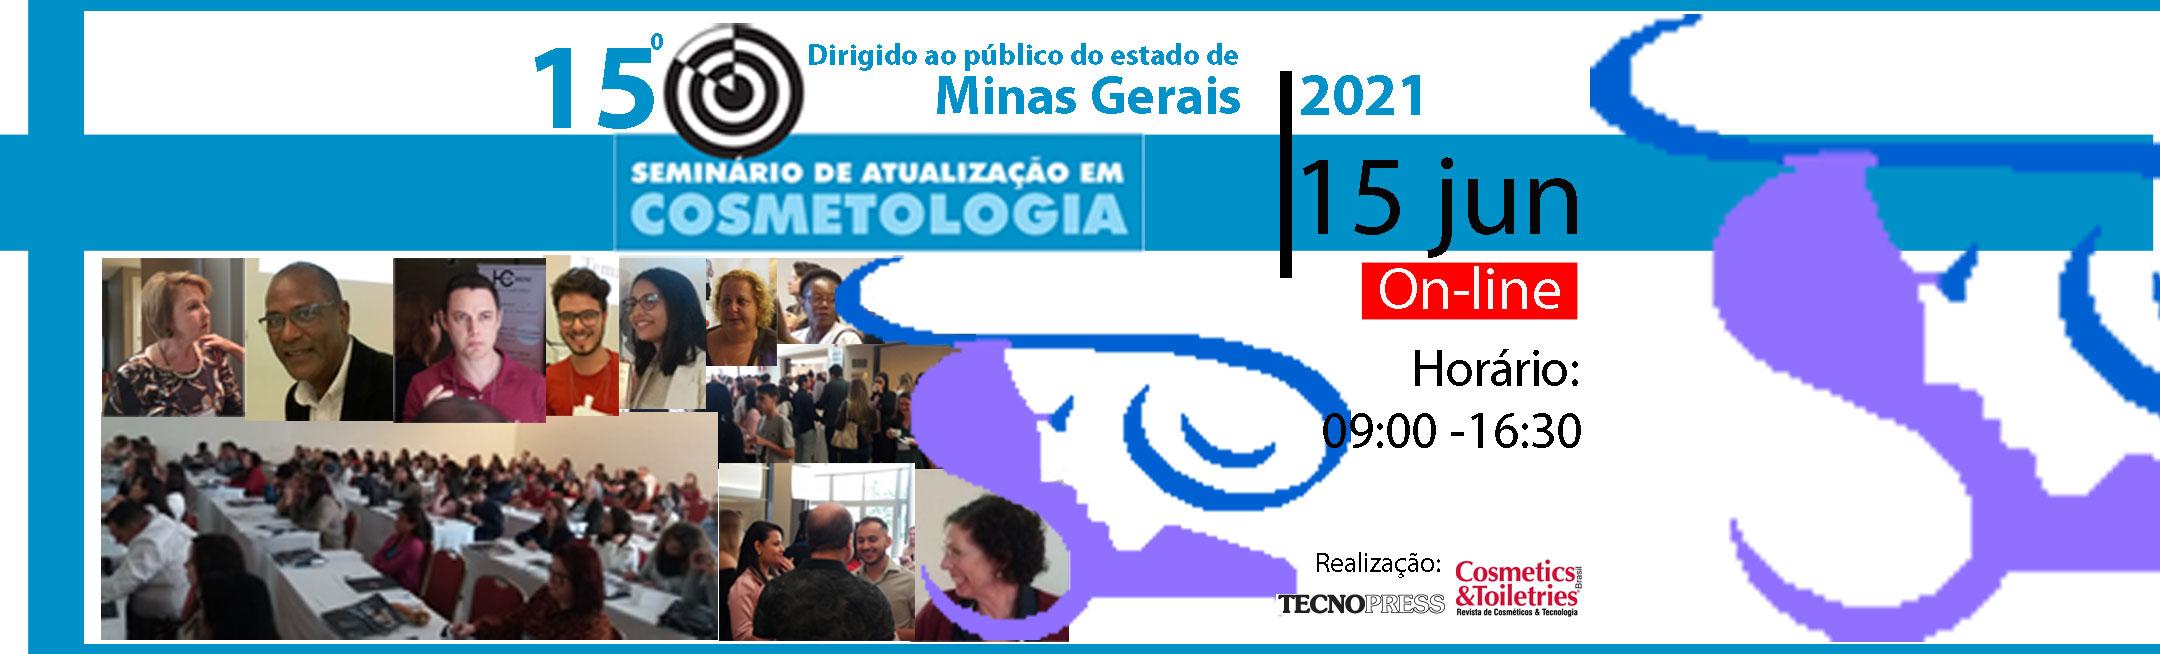 15º Seminário de Atualização em Cosmetologia de Minas Gerais